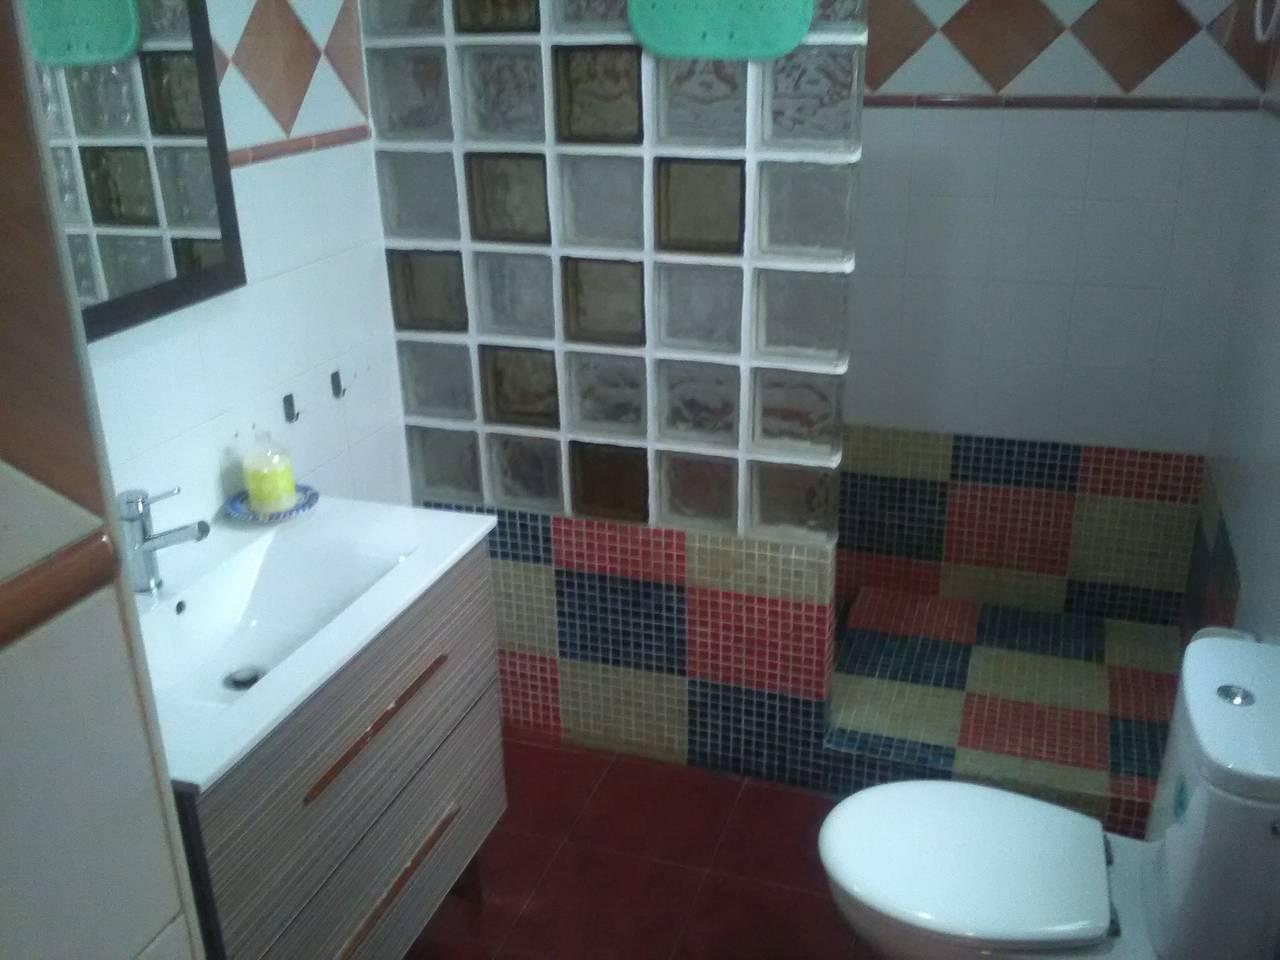 Alquiler habitación con baño privado en casa particular  - Foto 5